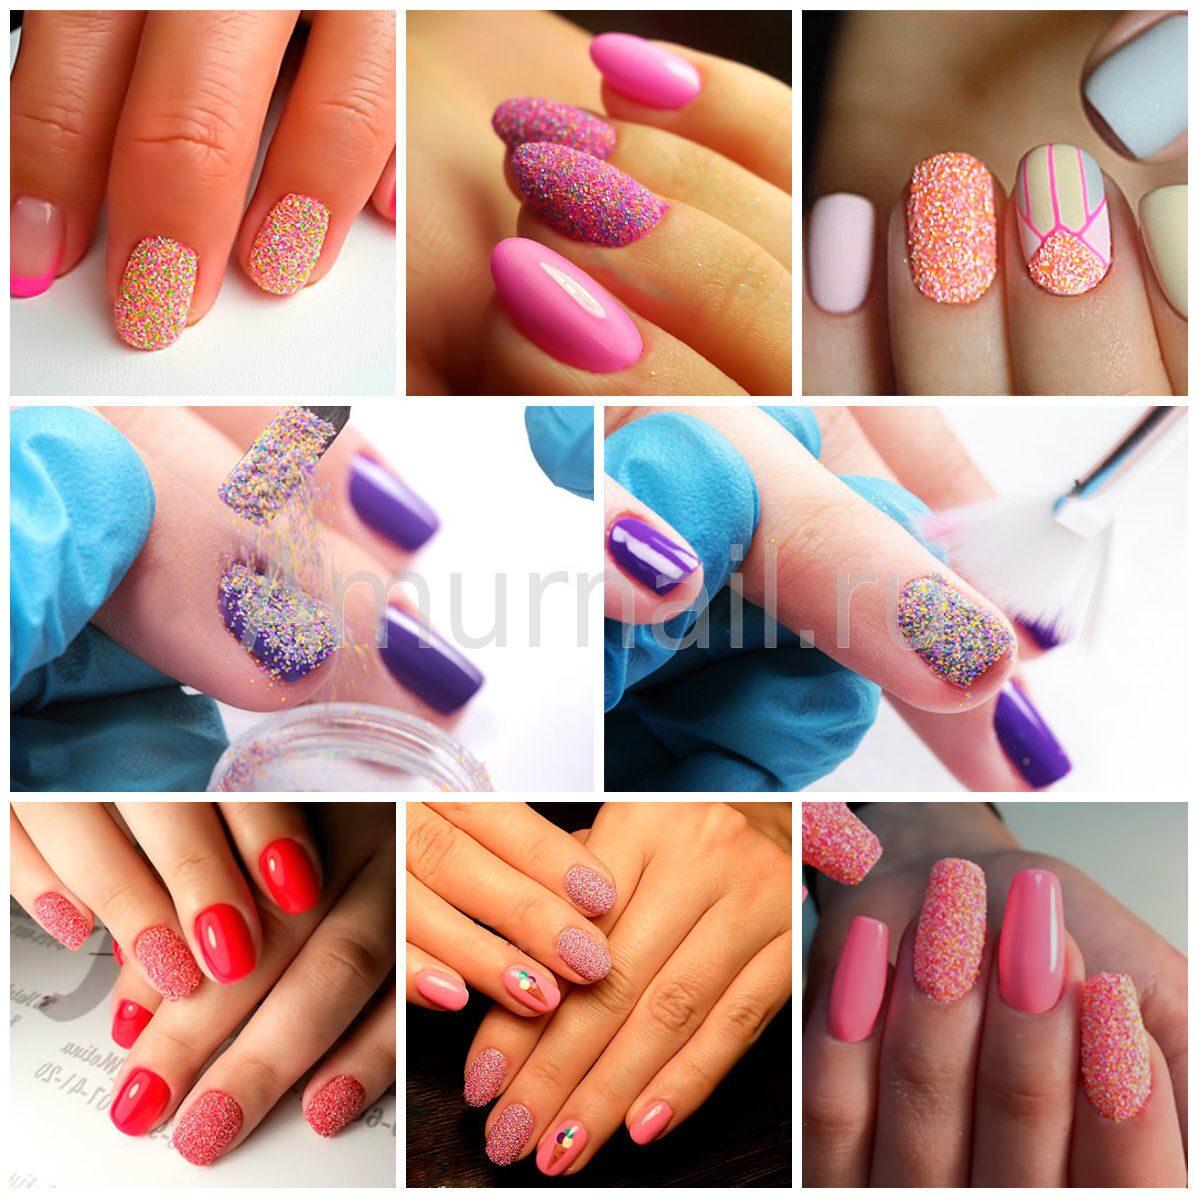 Как пользоваться пудрой для ногтей? Как наносить гель-лак и как нанести 2